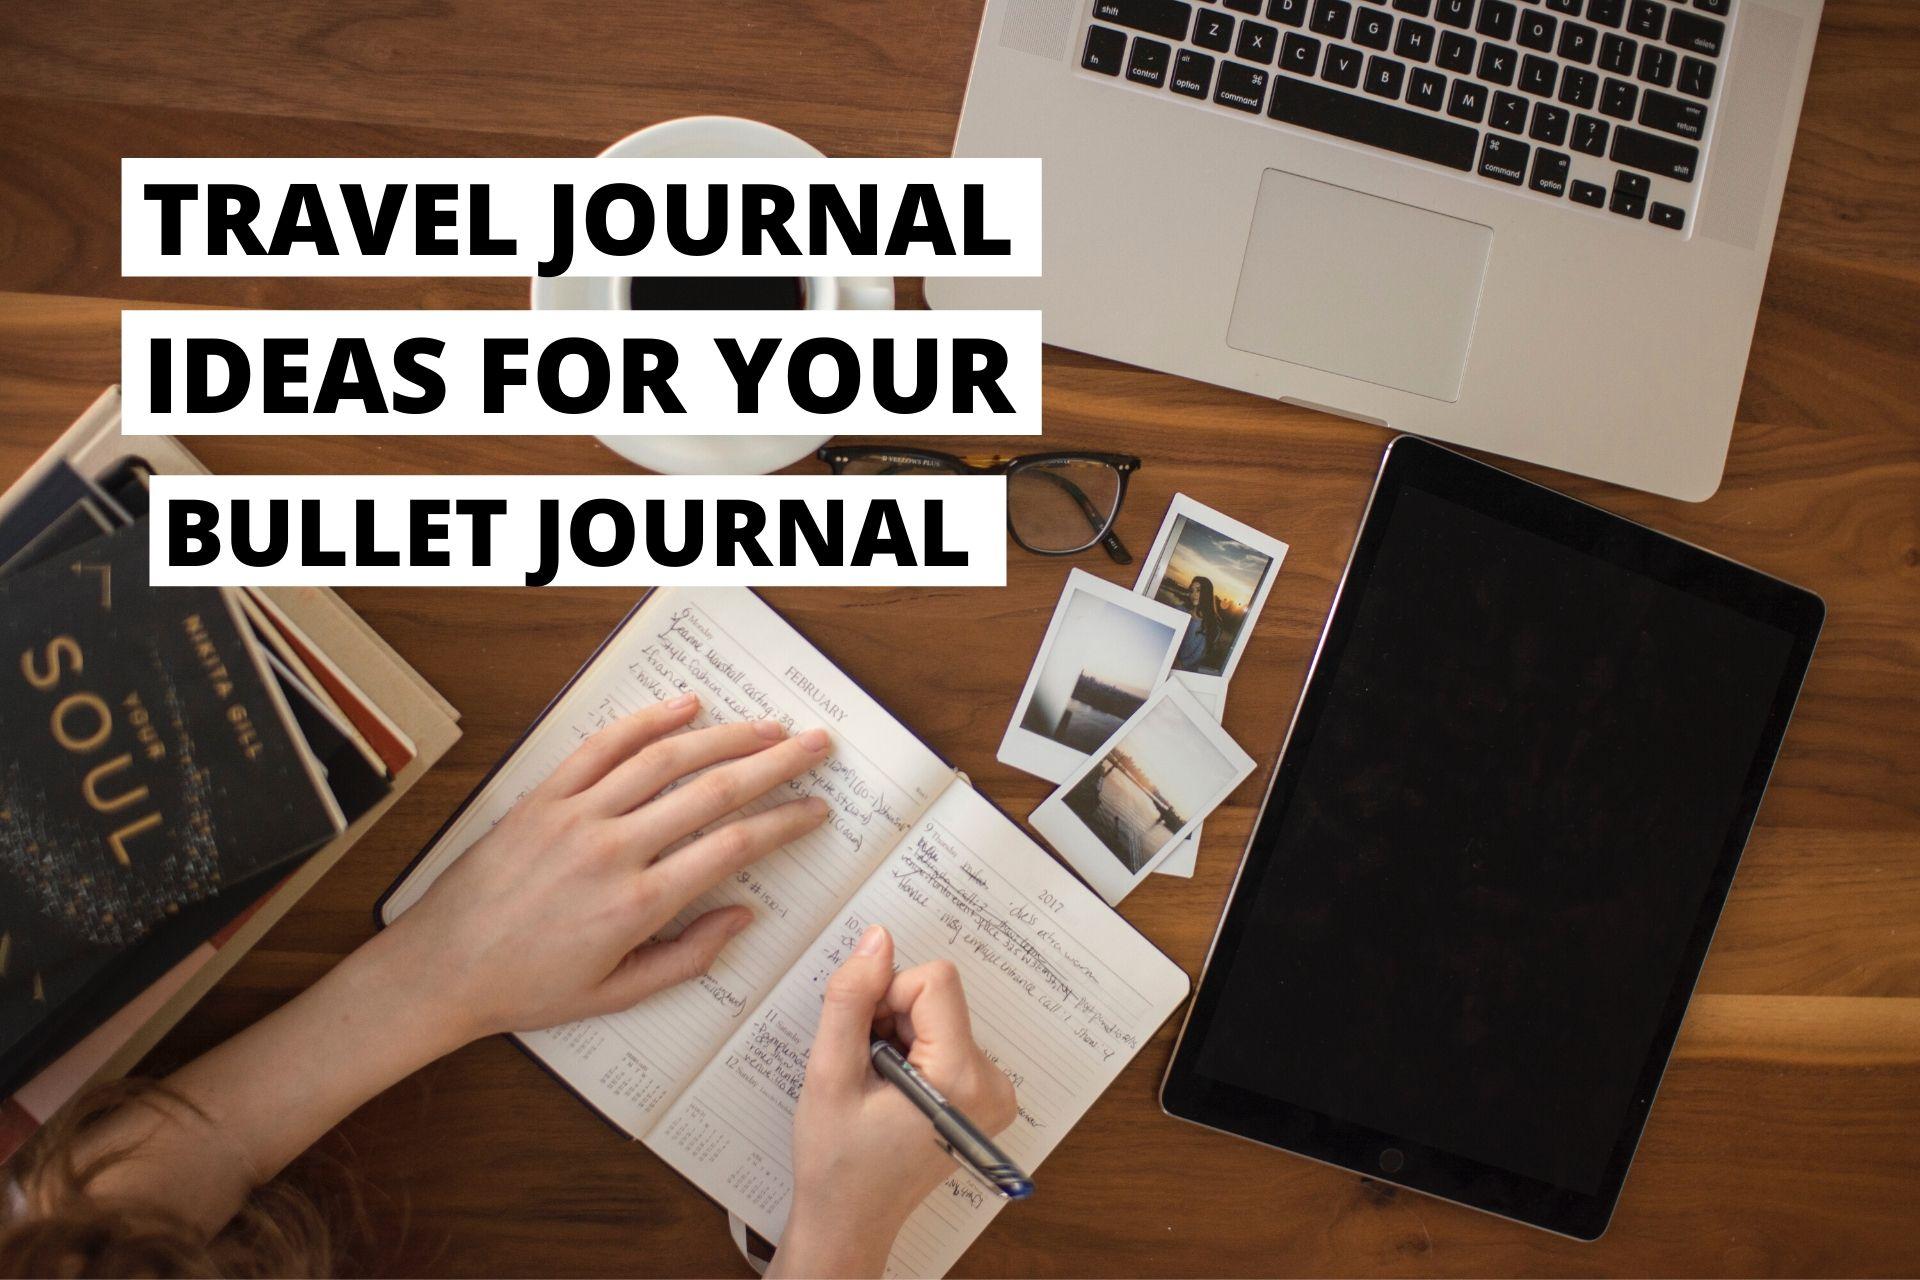 Travel Journal Ideas, Bullet Journal Travel Spreads, Bullet Journal Travel Spreads